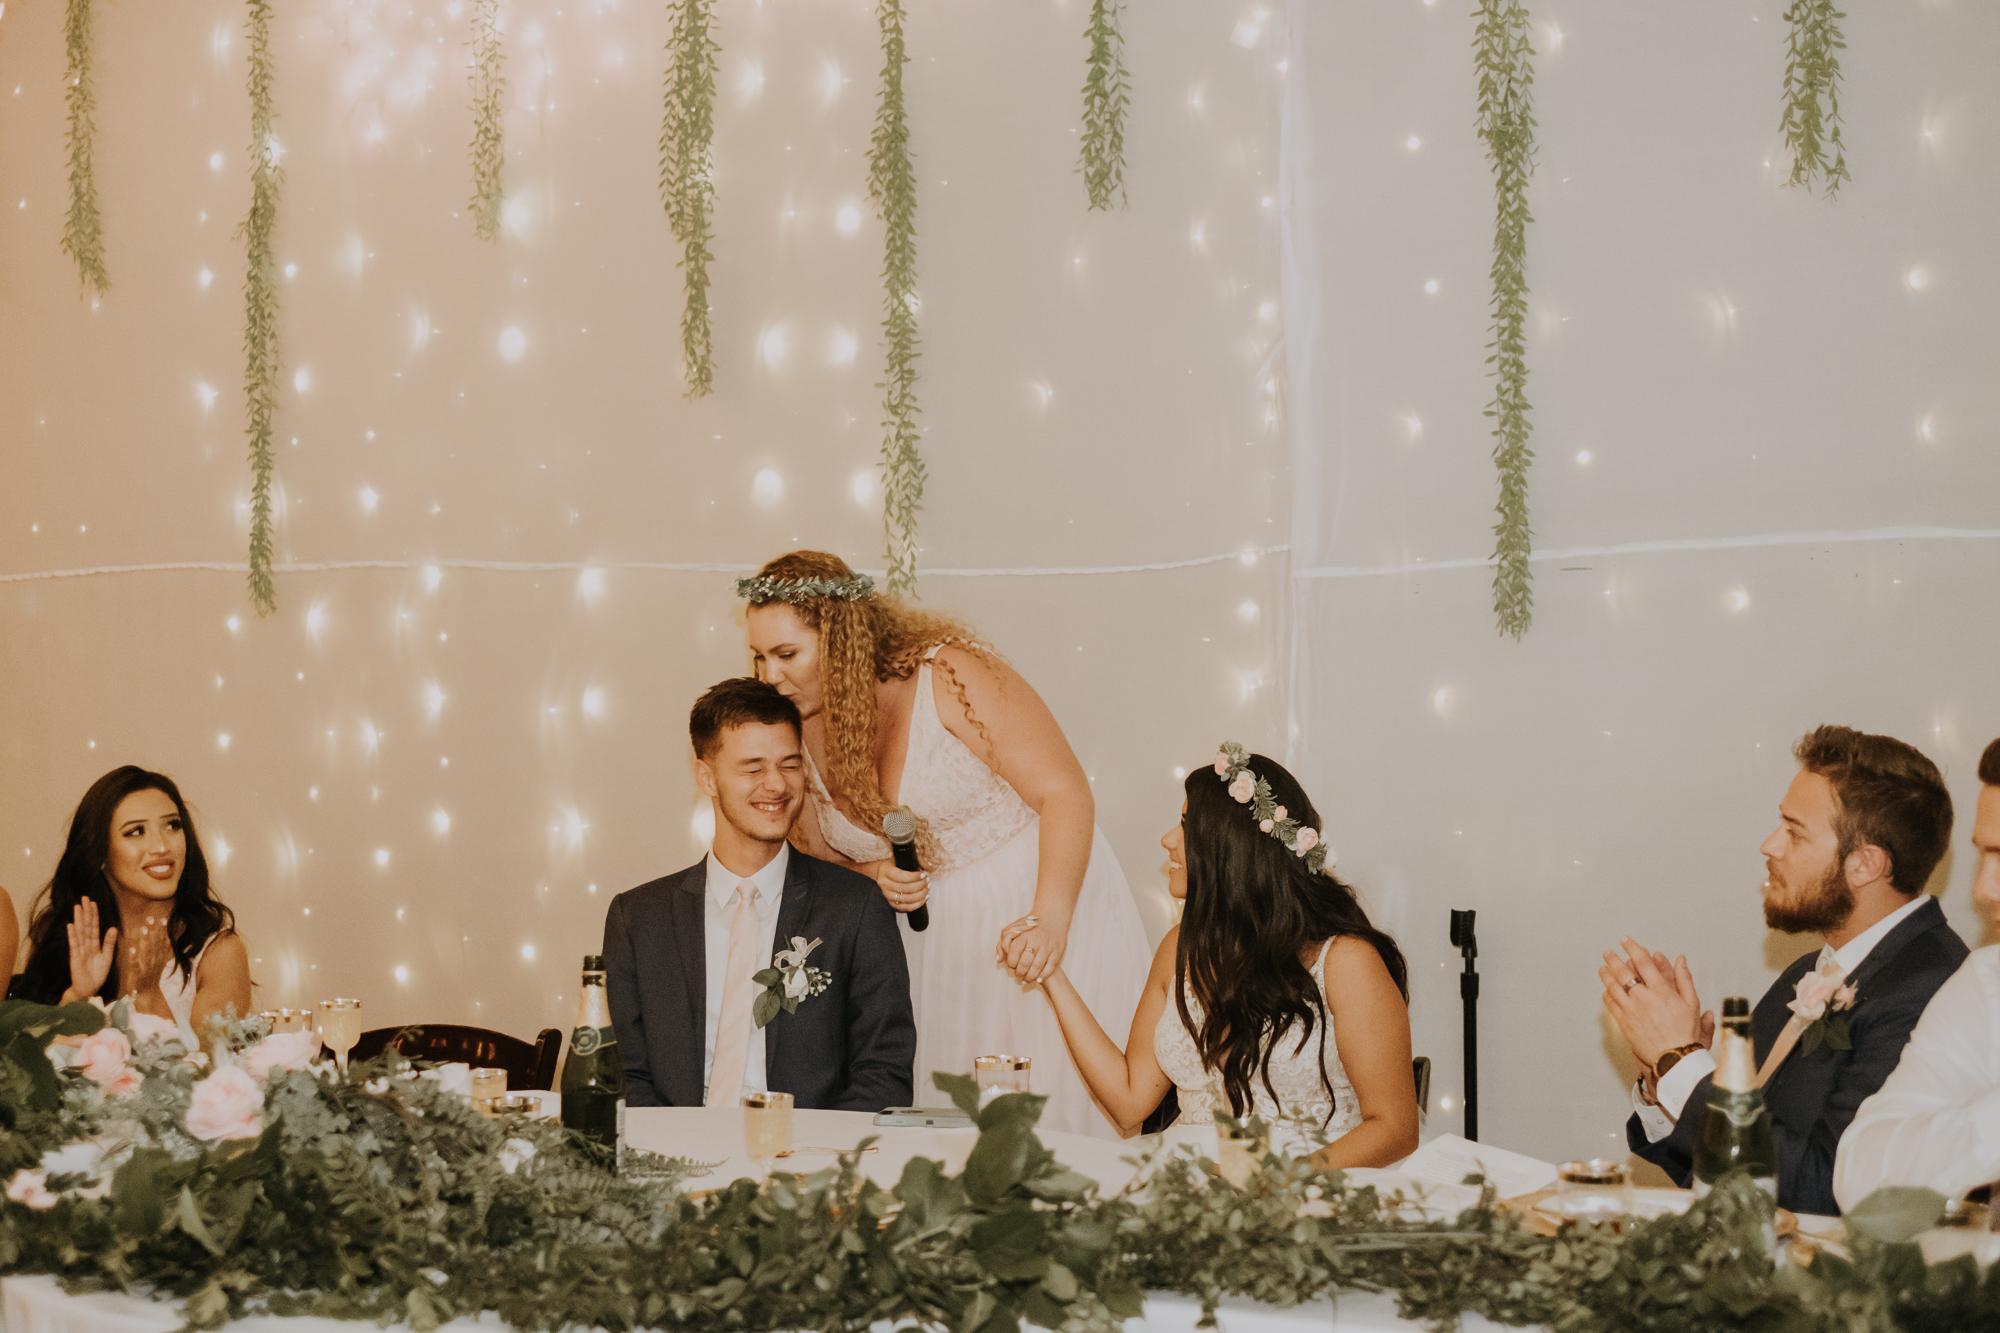 reception toasts | reception speeches | boho wedding reception | elegant boho wedding | Florida wedding